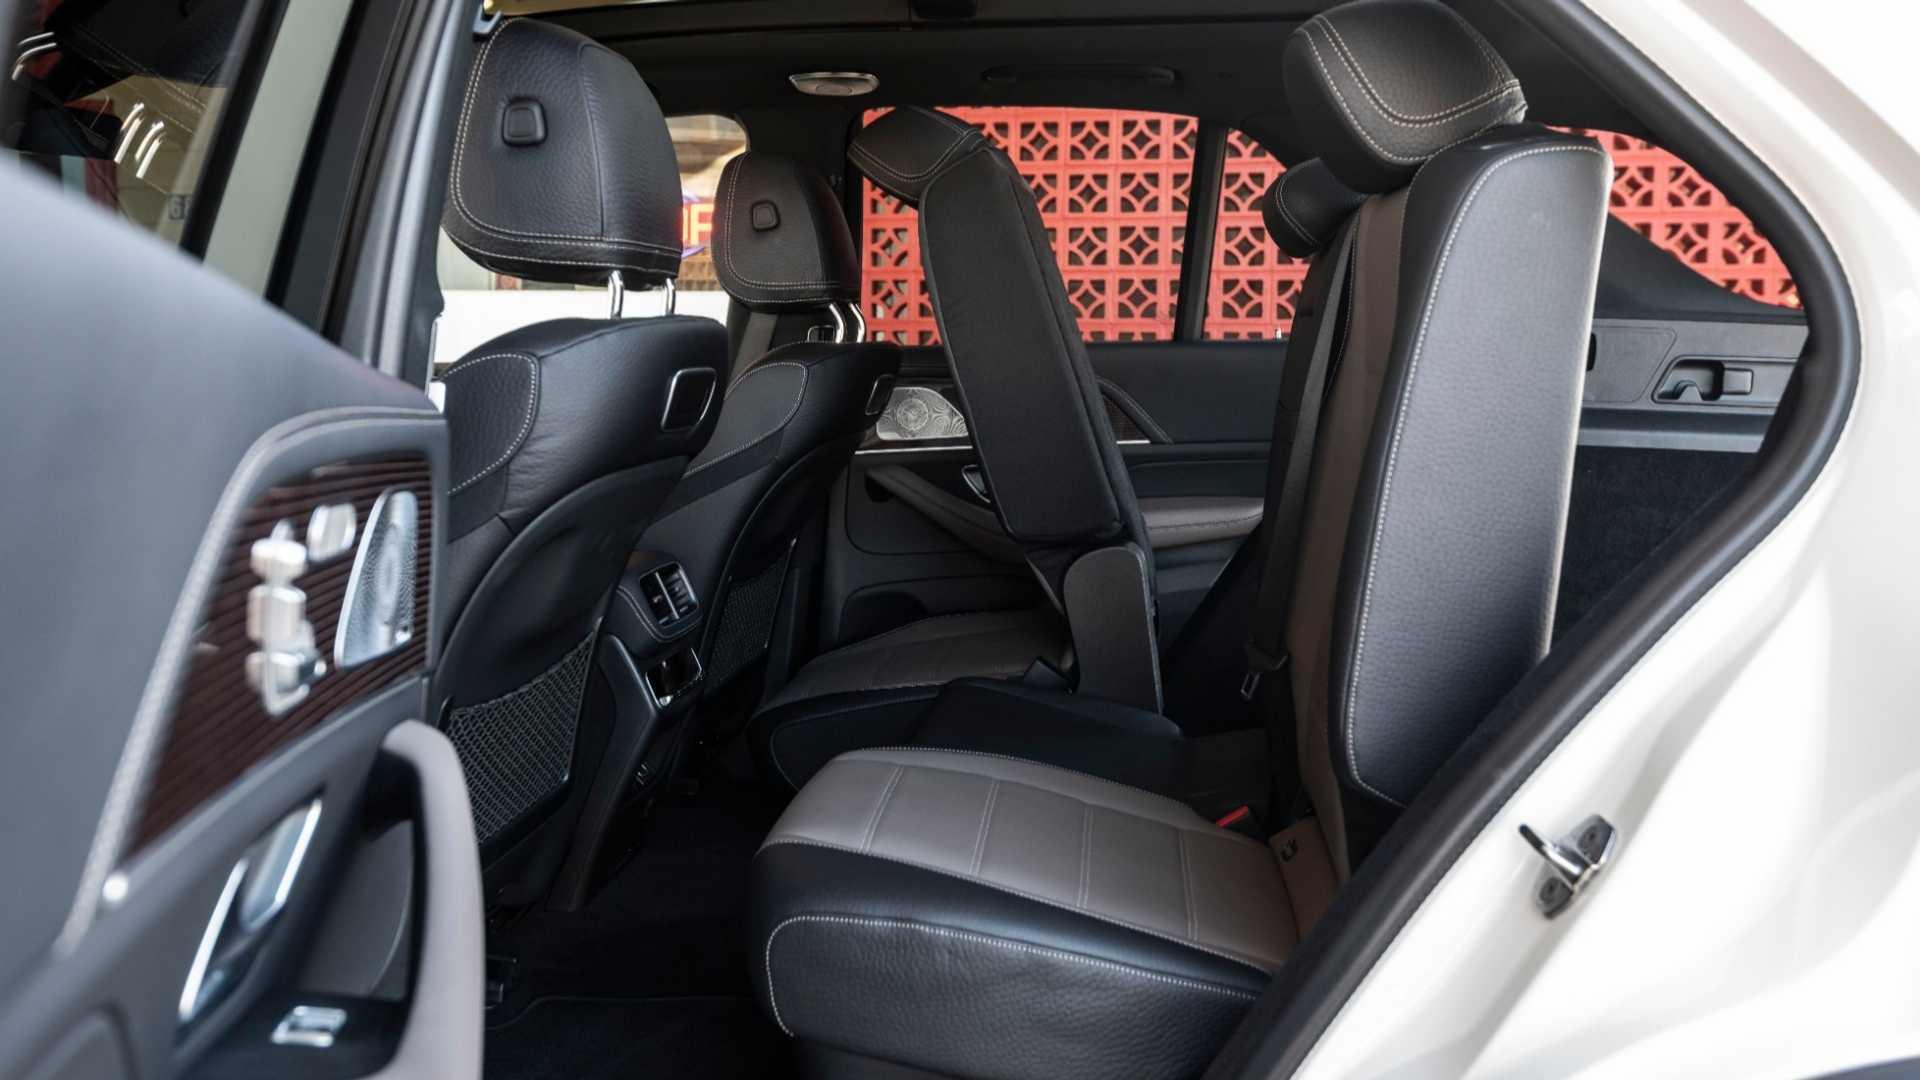 Mercedes-Benz может сделать GLE 580 с двигателем AMG V8 1